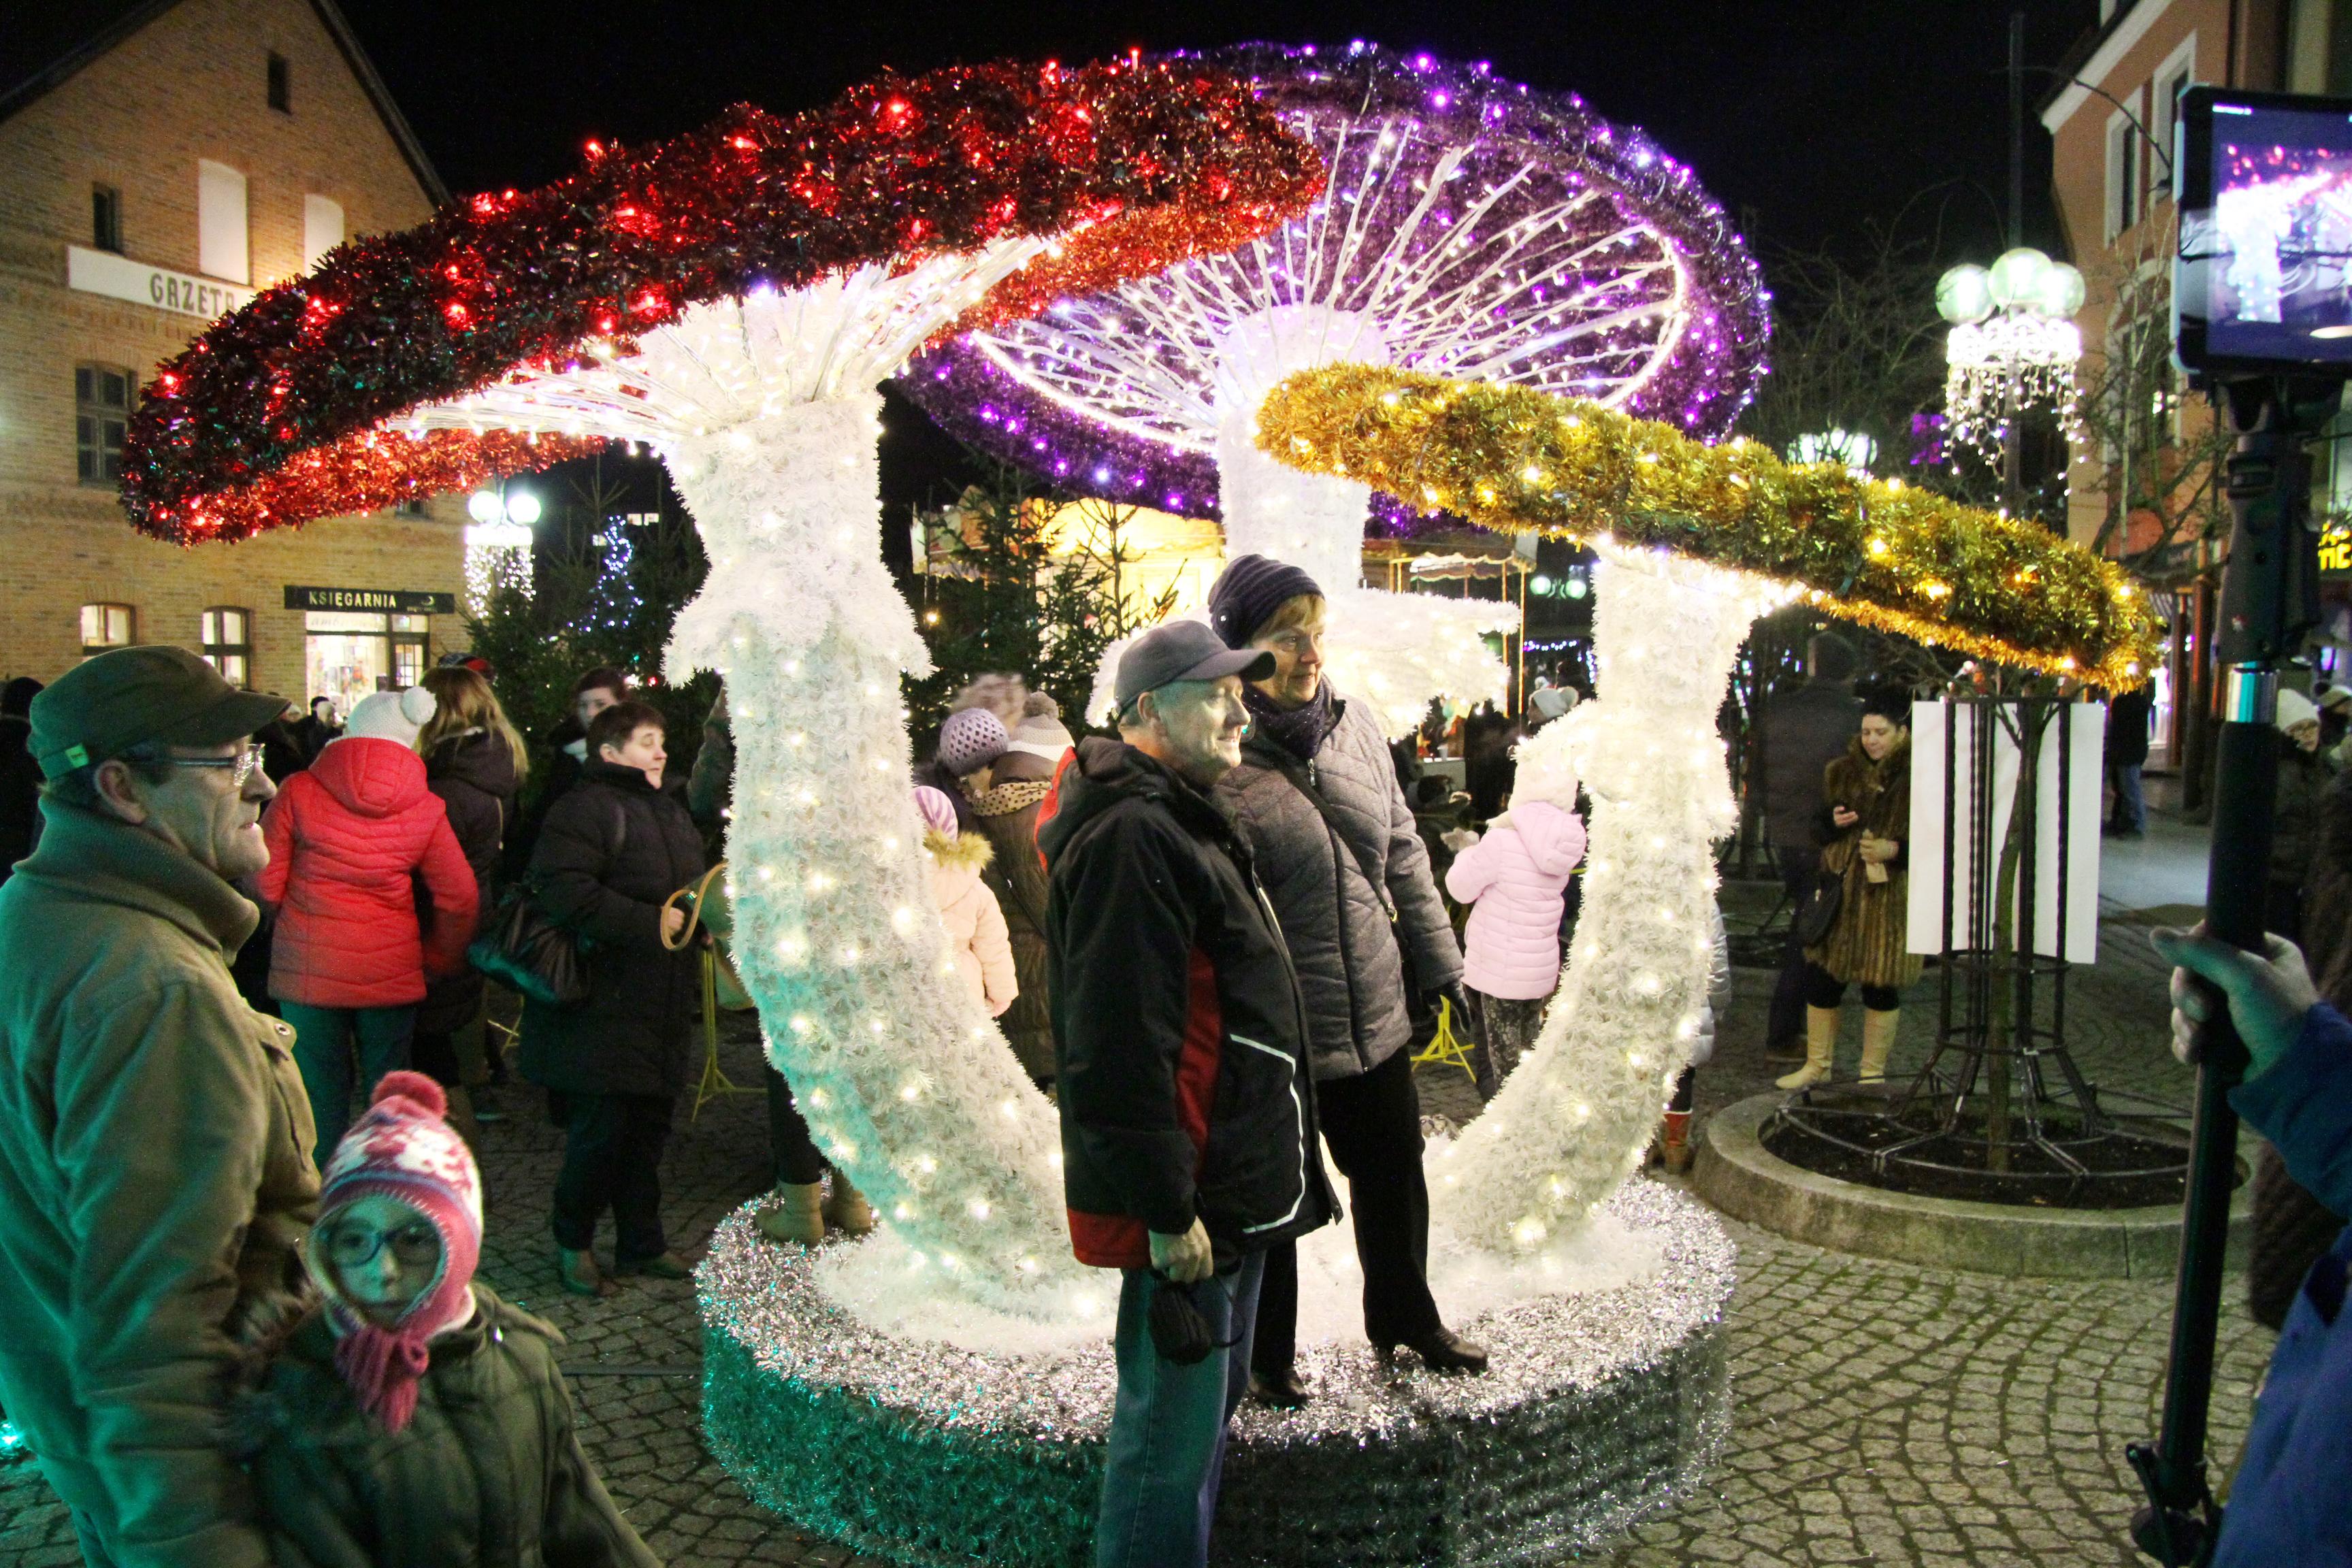 VII Warmiński Jarmark Świąteczny. Kolorowa starówka w Olsztynie [FILM I ZDJĘCIA]